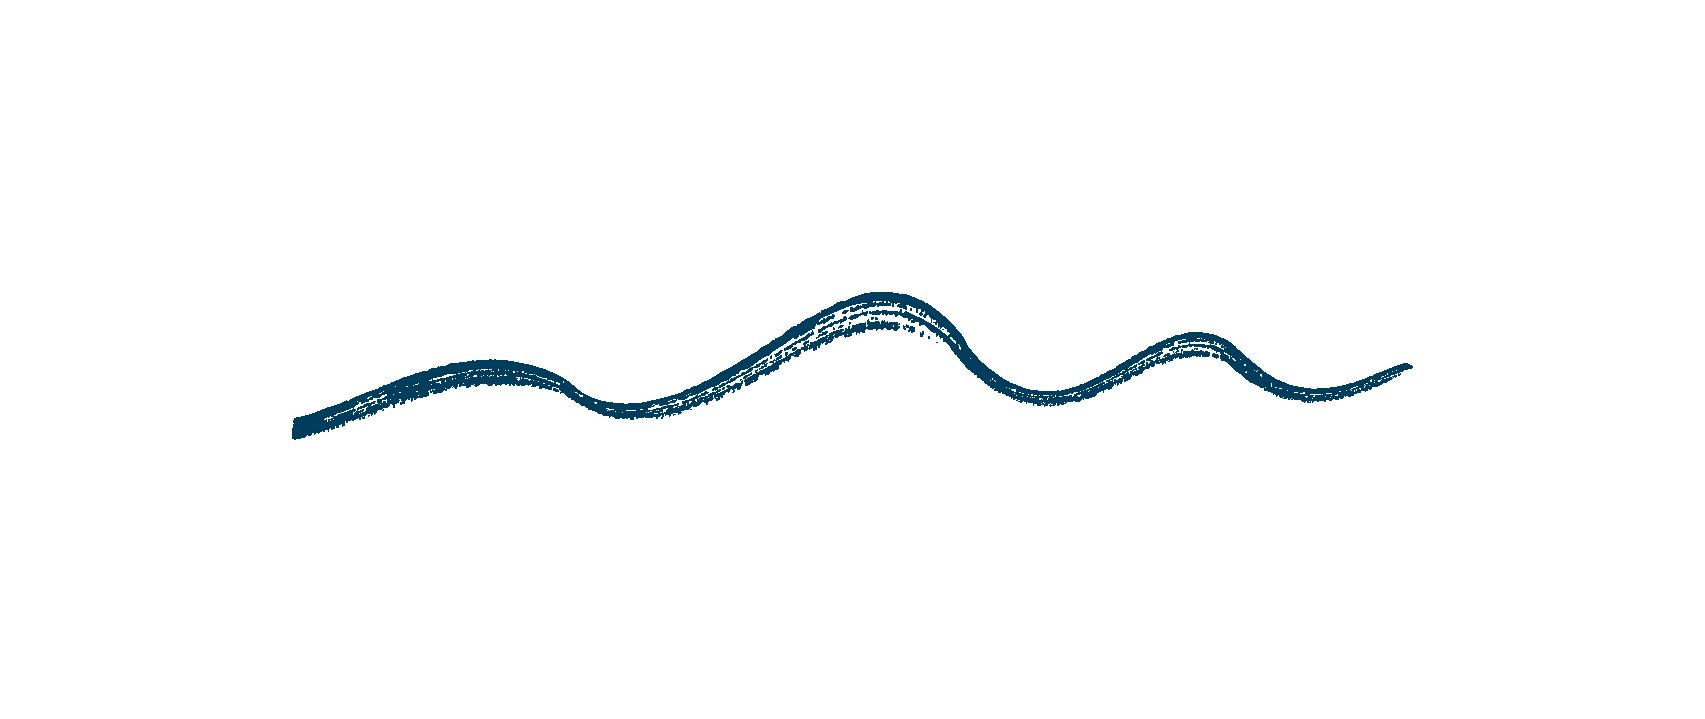 For Alaska logo